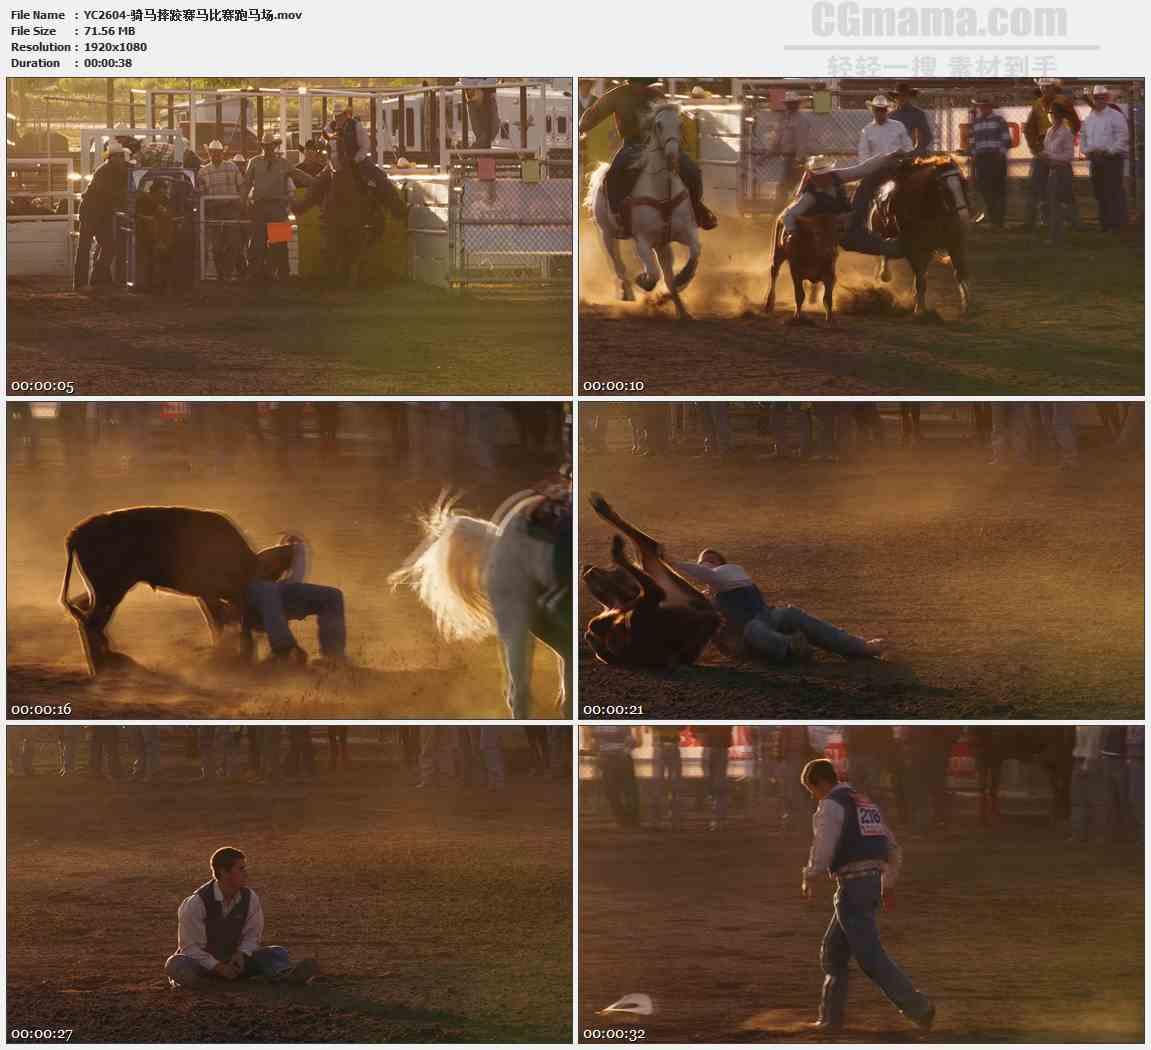 YC2604-骑马摔跤赛马比赛跑马场高清实拍视频素材